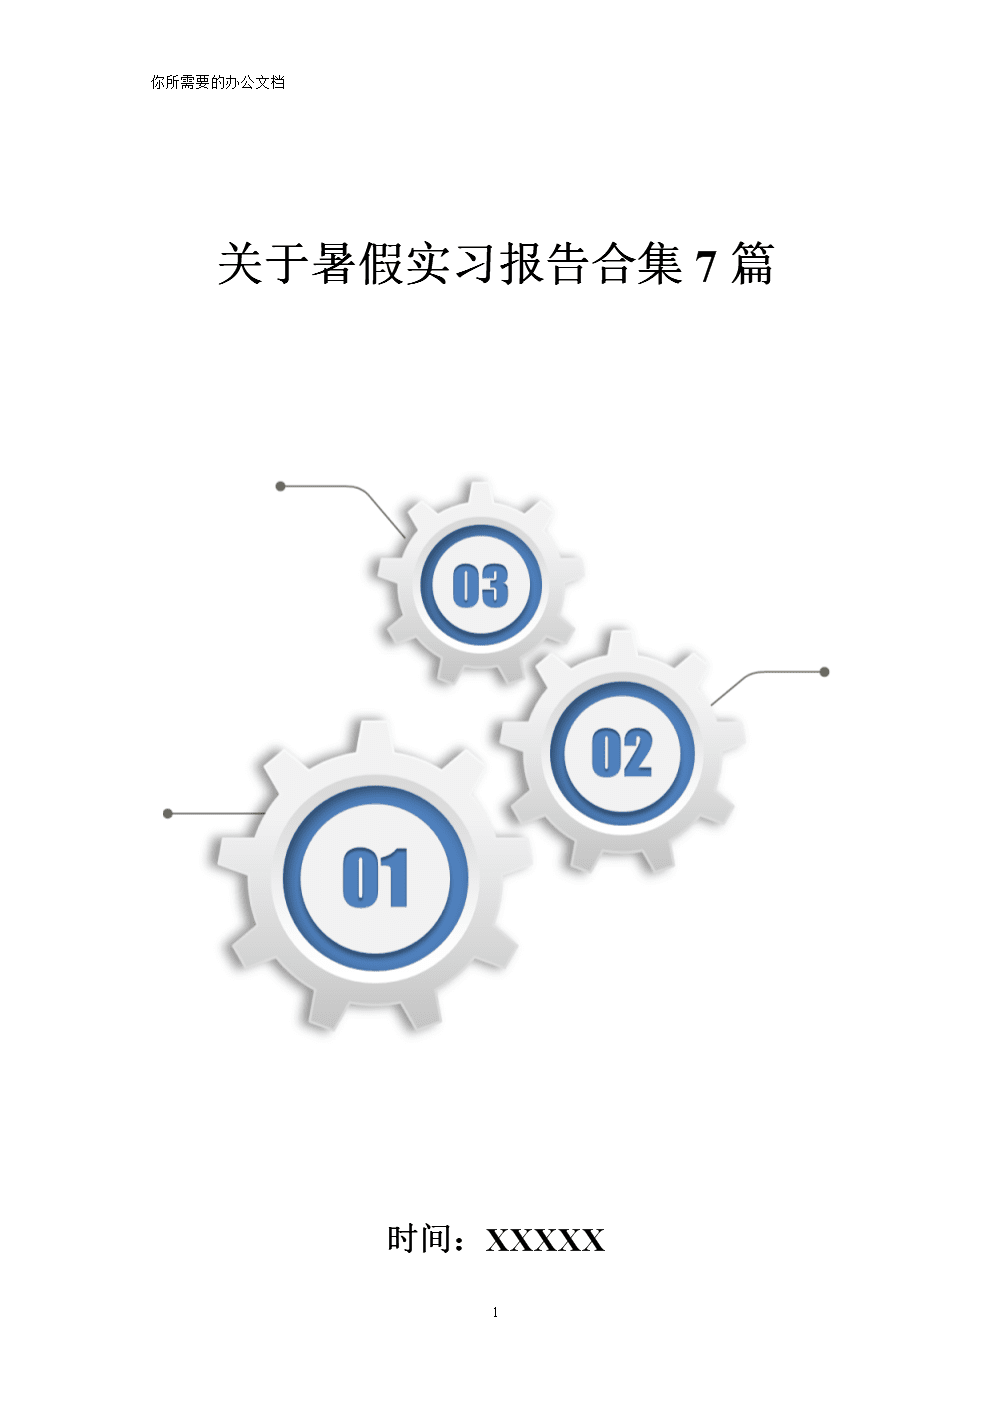 关于暑假实习报告合集7篇.doc